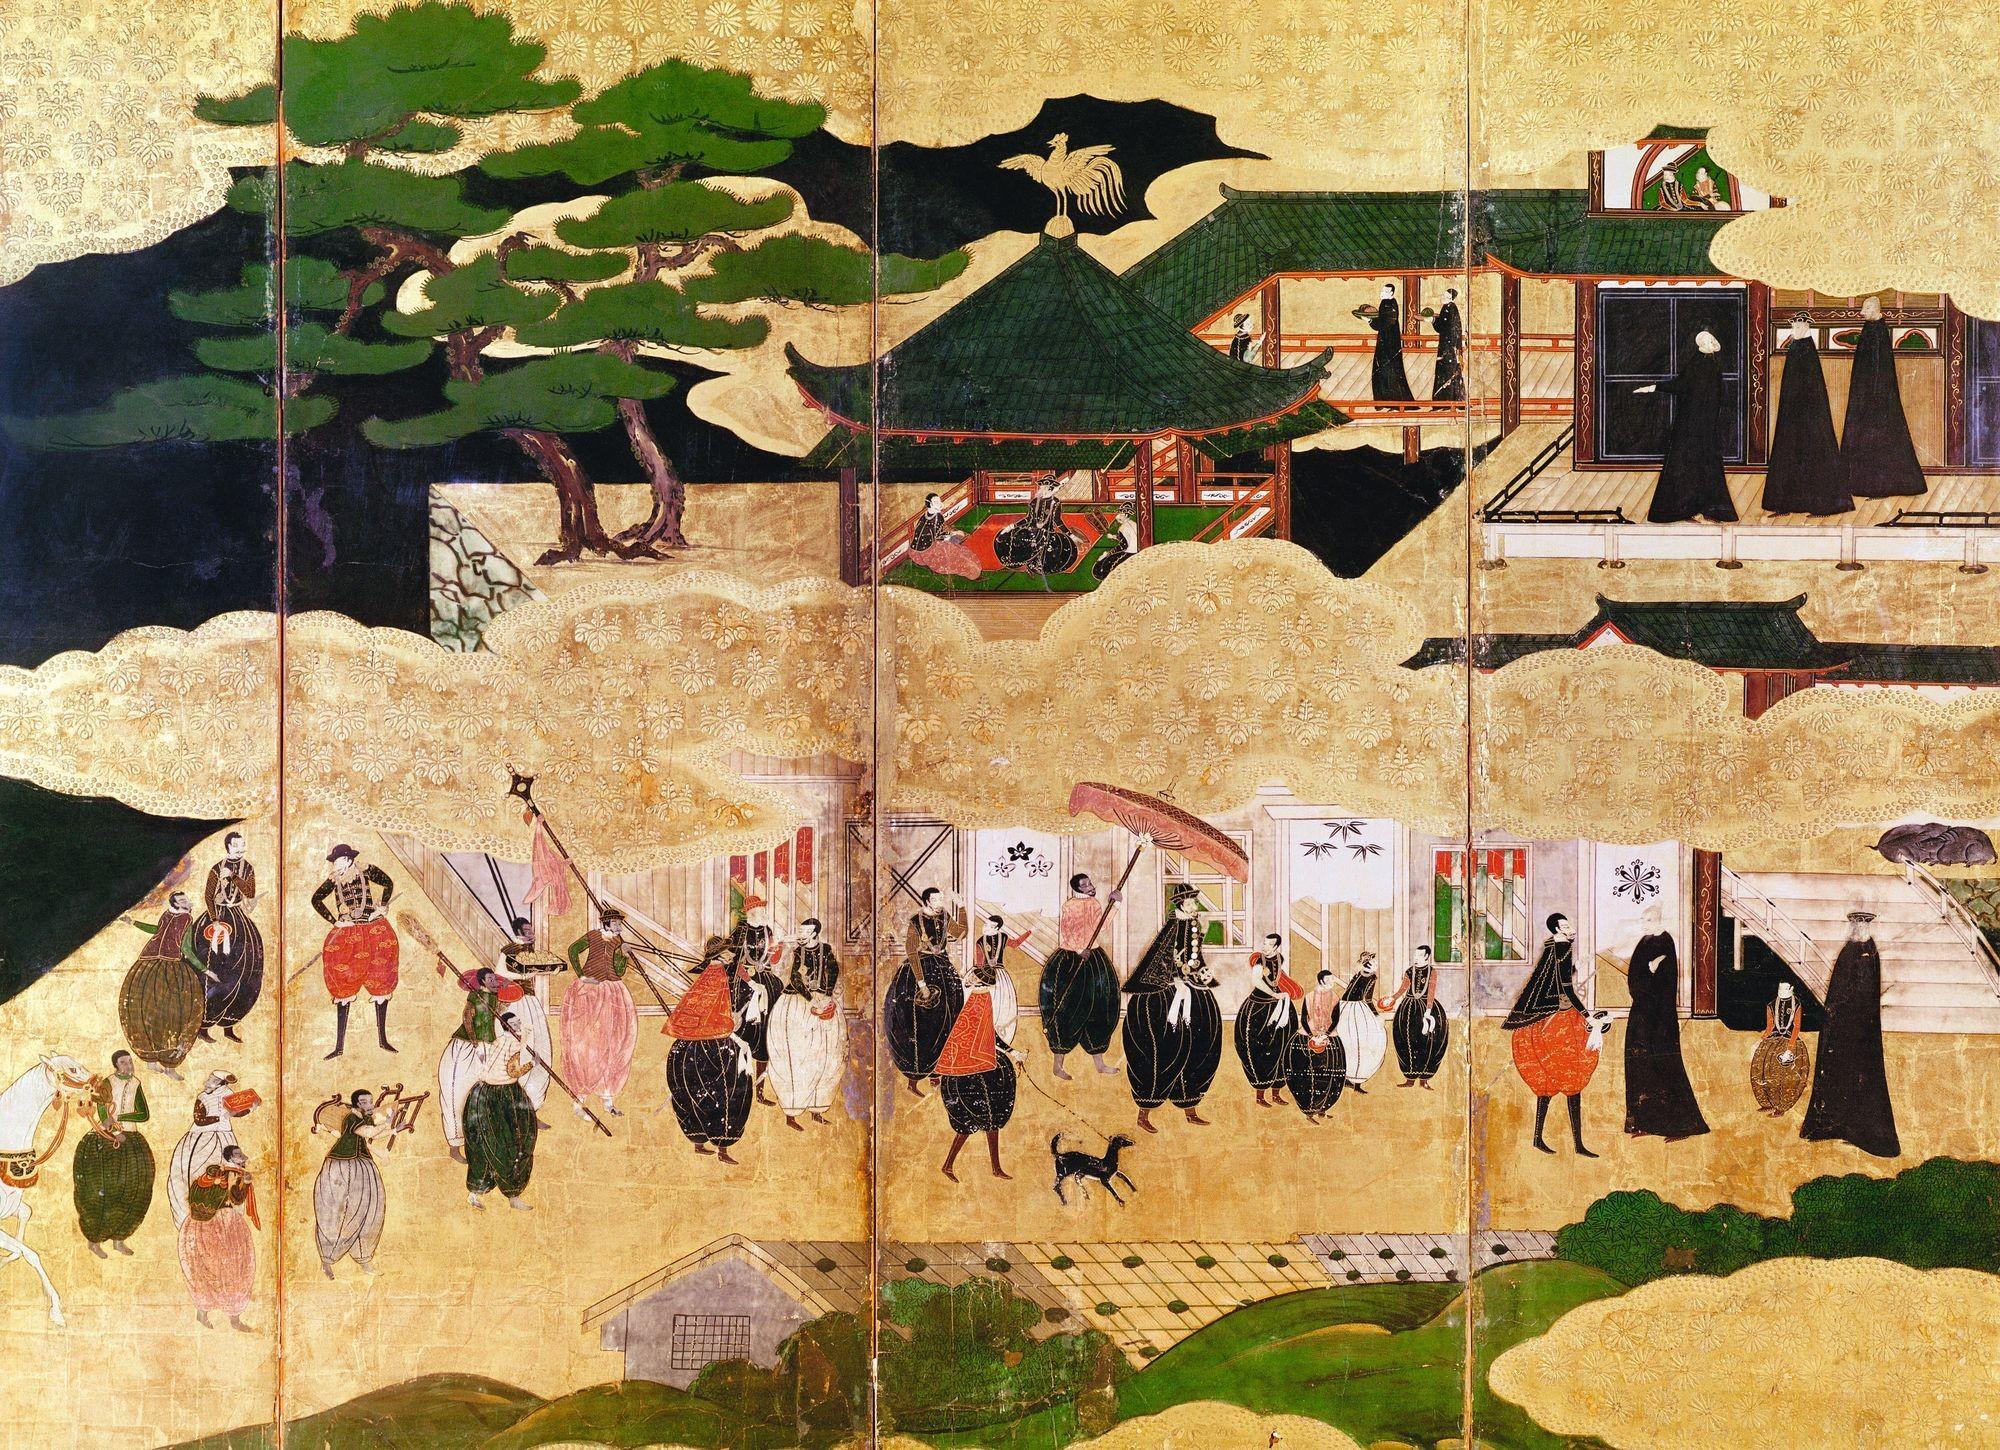 École de Kano, L'Arrivée des Portugais au Japon, XVIe siècle, paravent peint (détail), musée Guimet, Paris